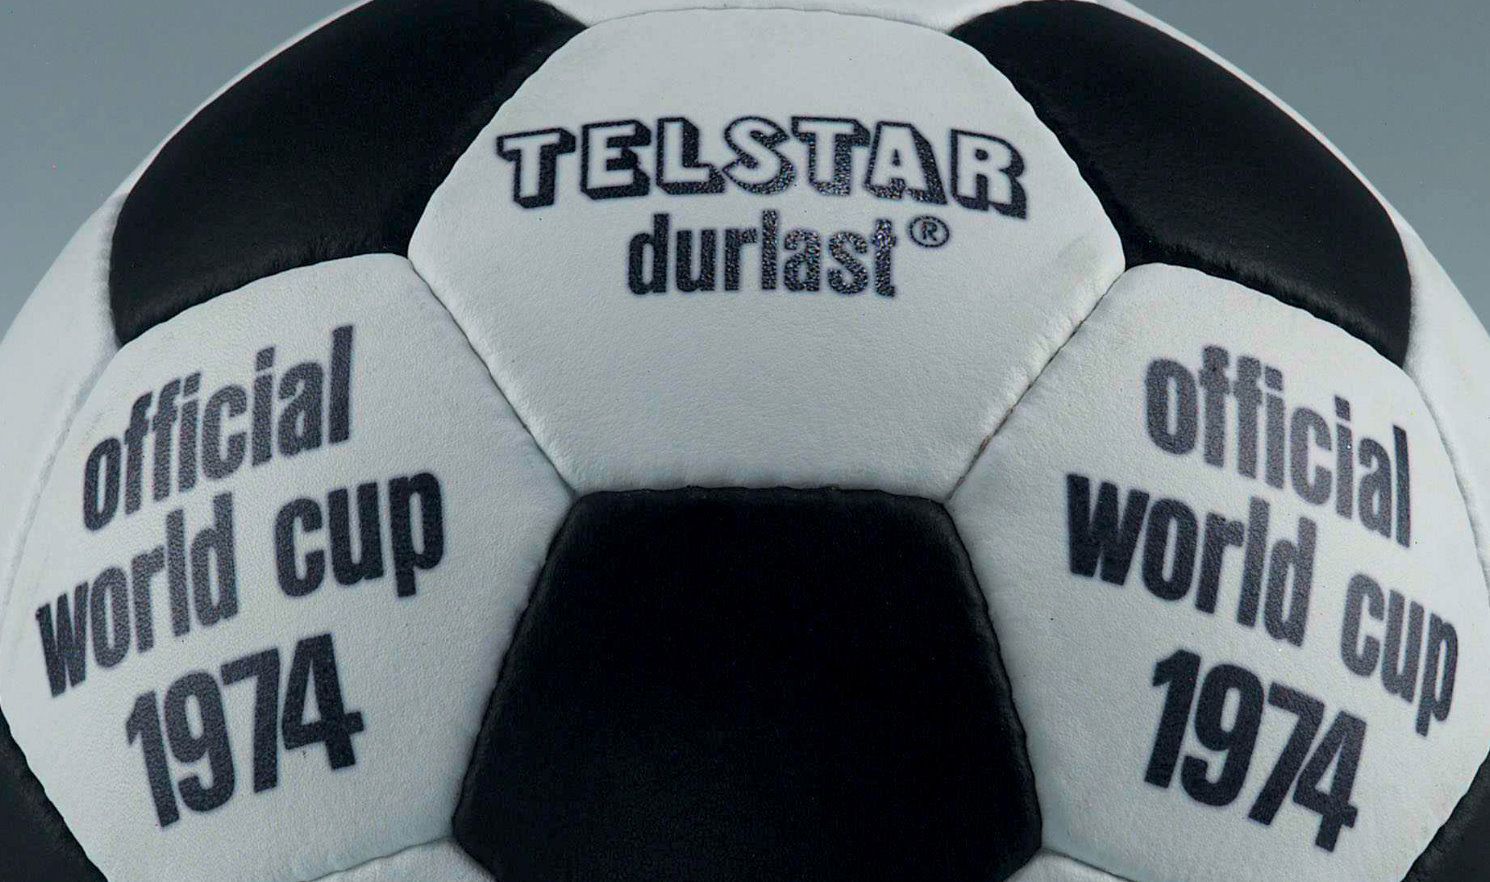 تاریخچه توپ های دوره های مختلف جام جهانی (2)